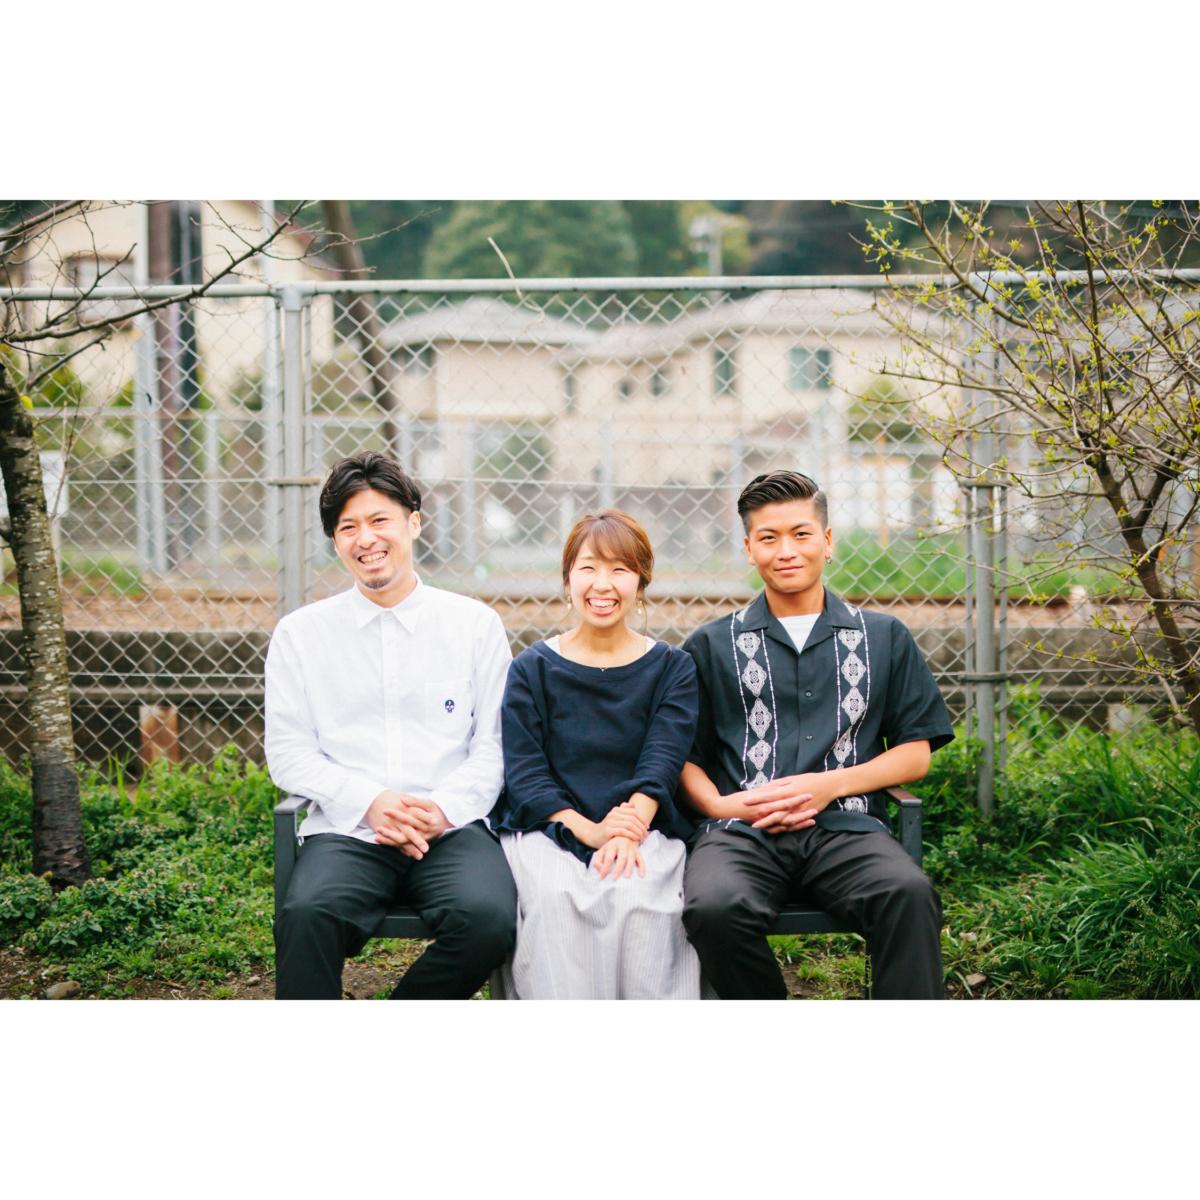 宣材写真撮影|beauty and hair design | tsukigoya 北鎌倉 | ヘアサロン|撮影 Masaaki Miyara